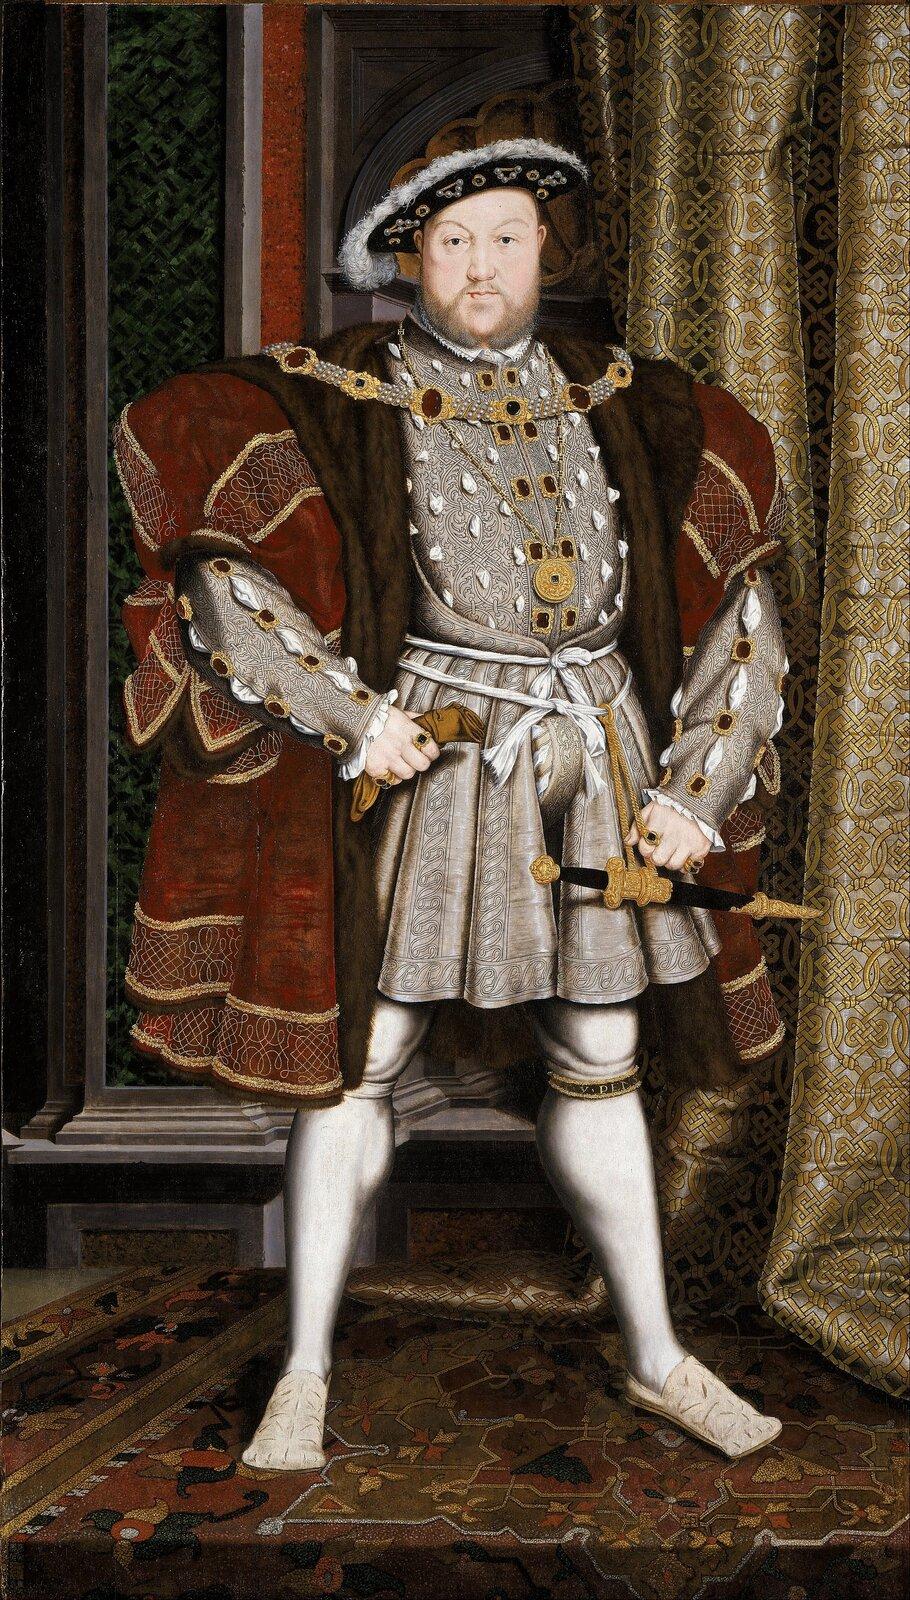 Król Henryk VIII Źródło: anonimowy artysta, Król Henryk VIII , XVI wiek, domena publiczna.